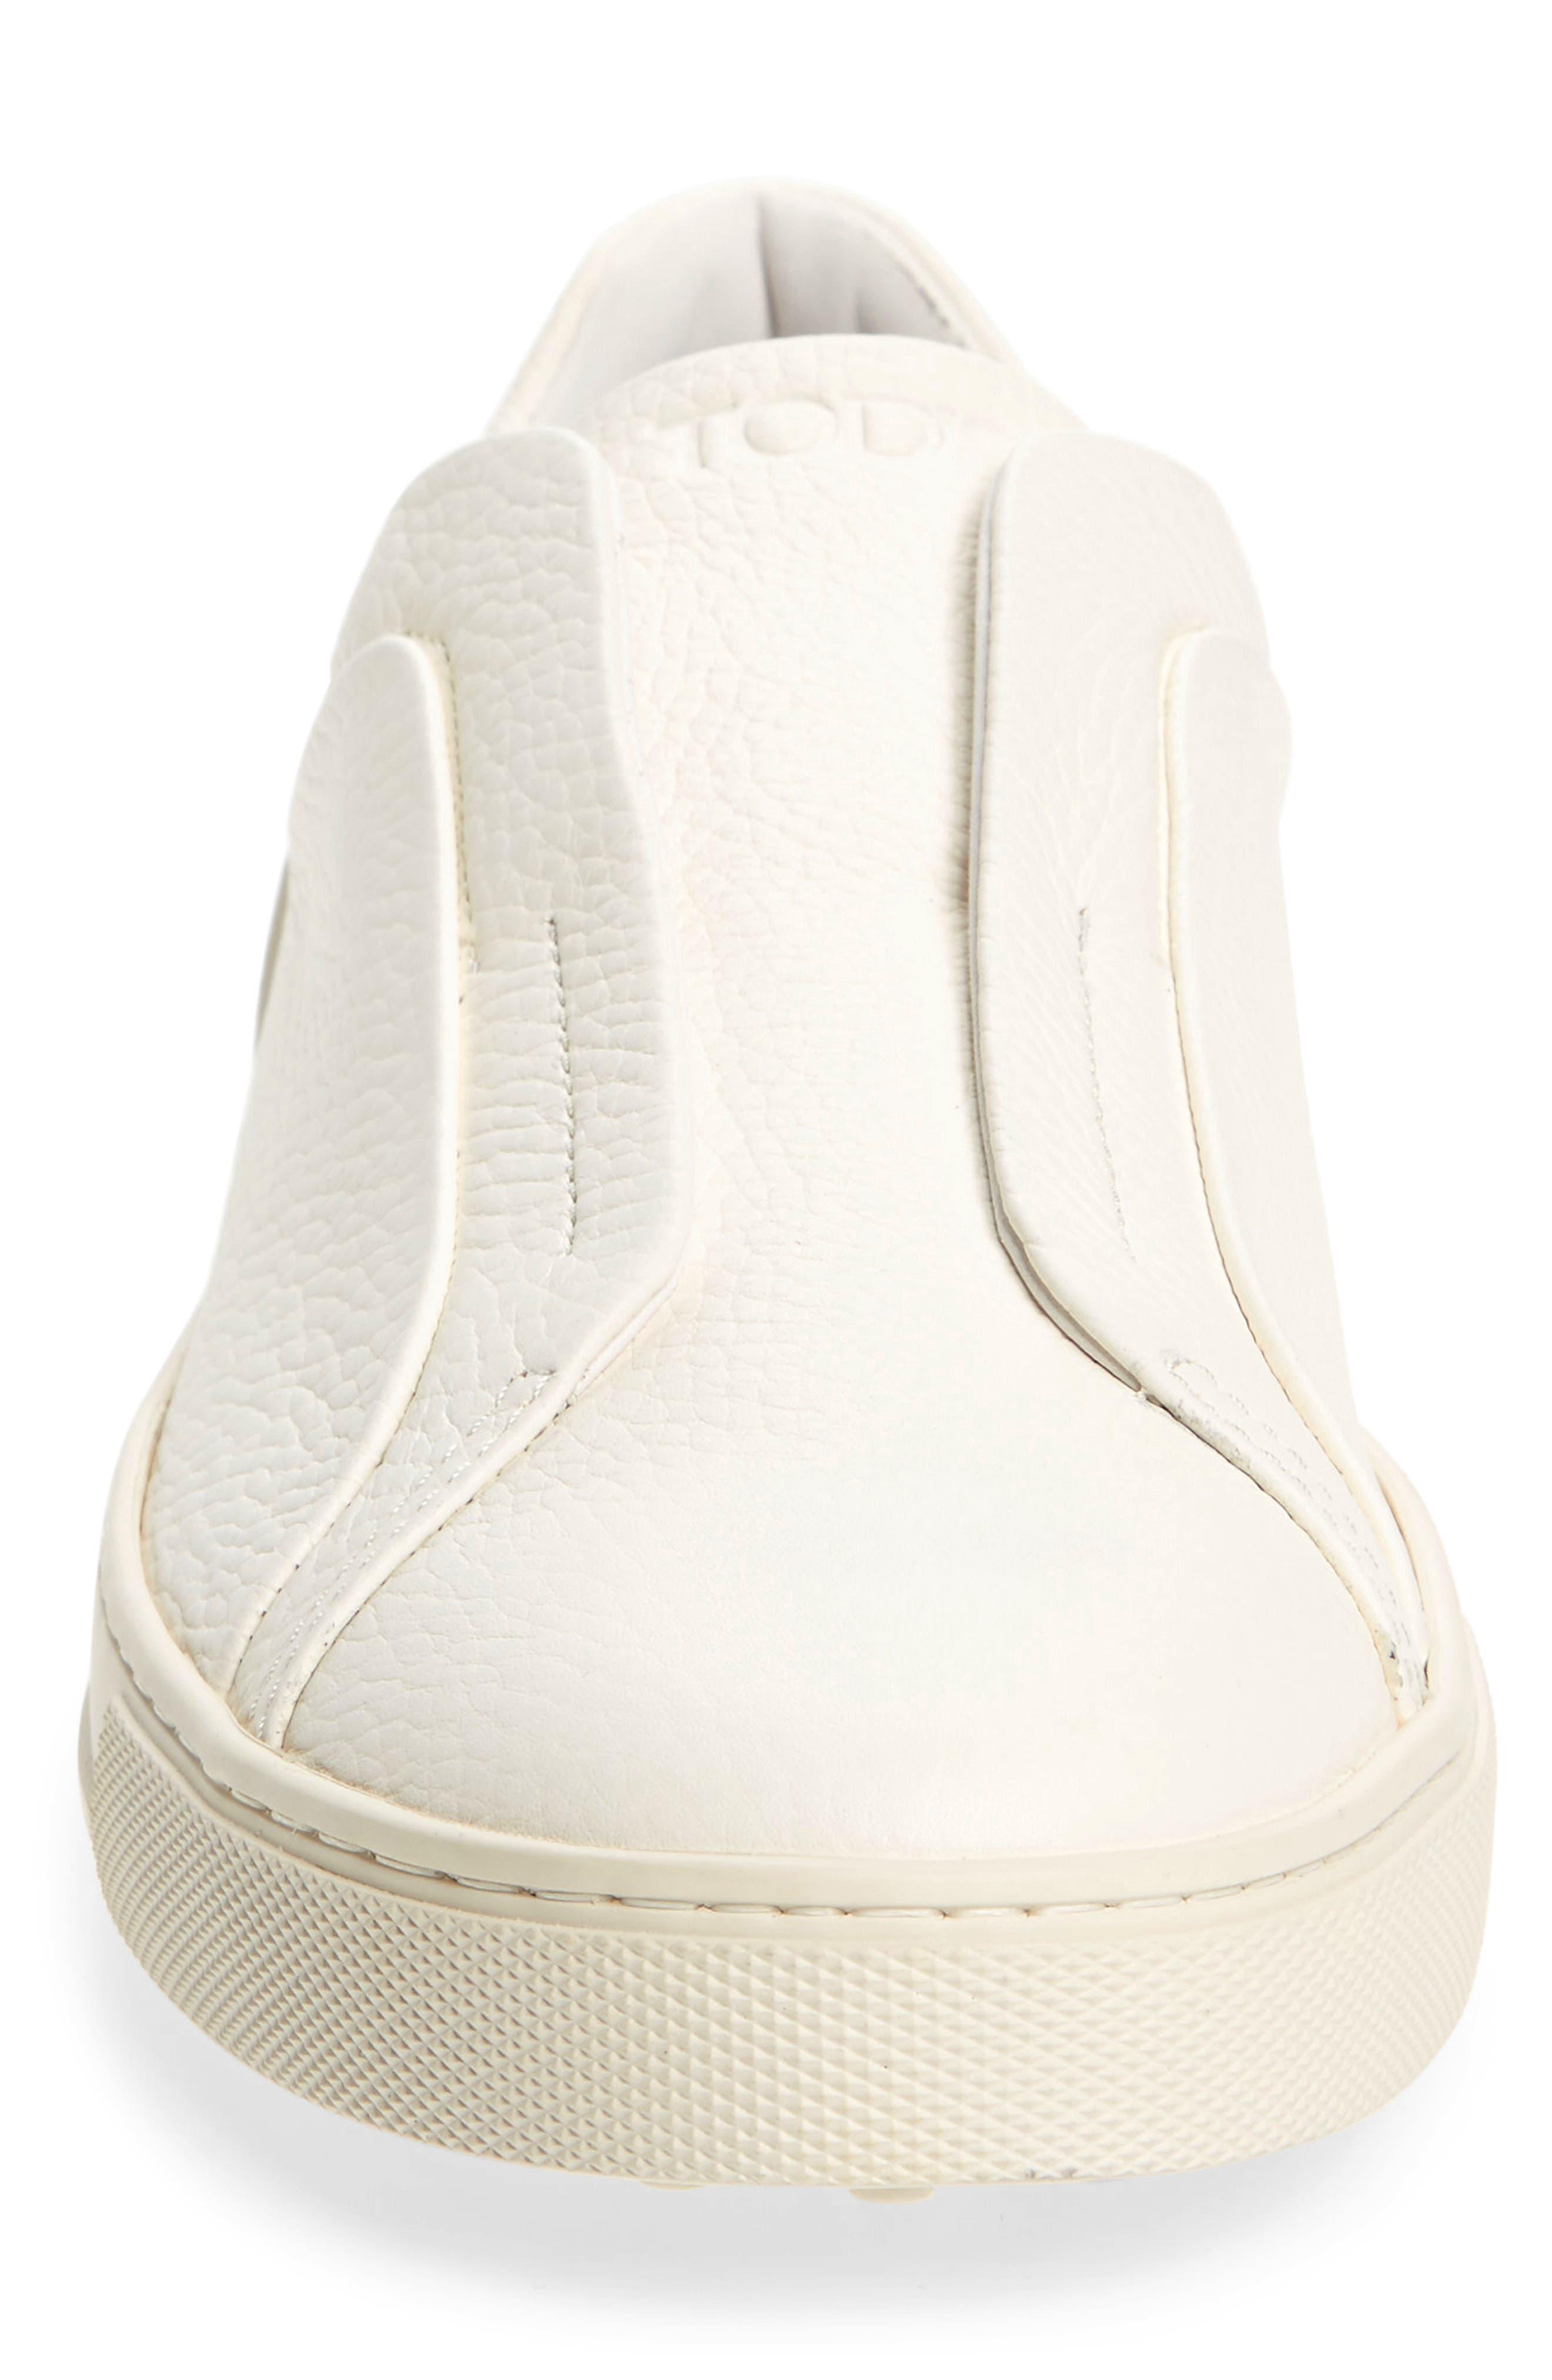 Cassetta Slip-on Sneaker,                             Alternate thumbnail 4, color,                             100